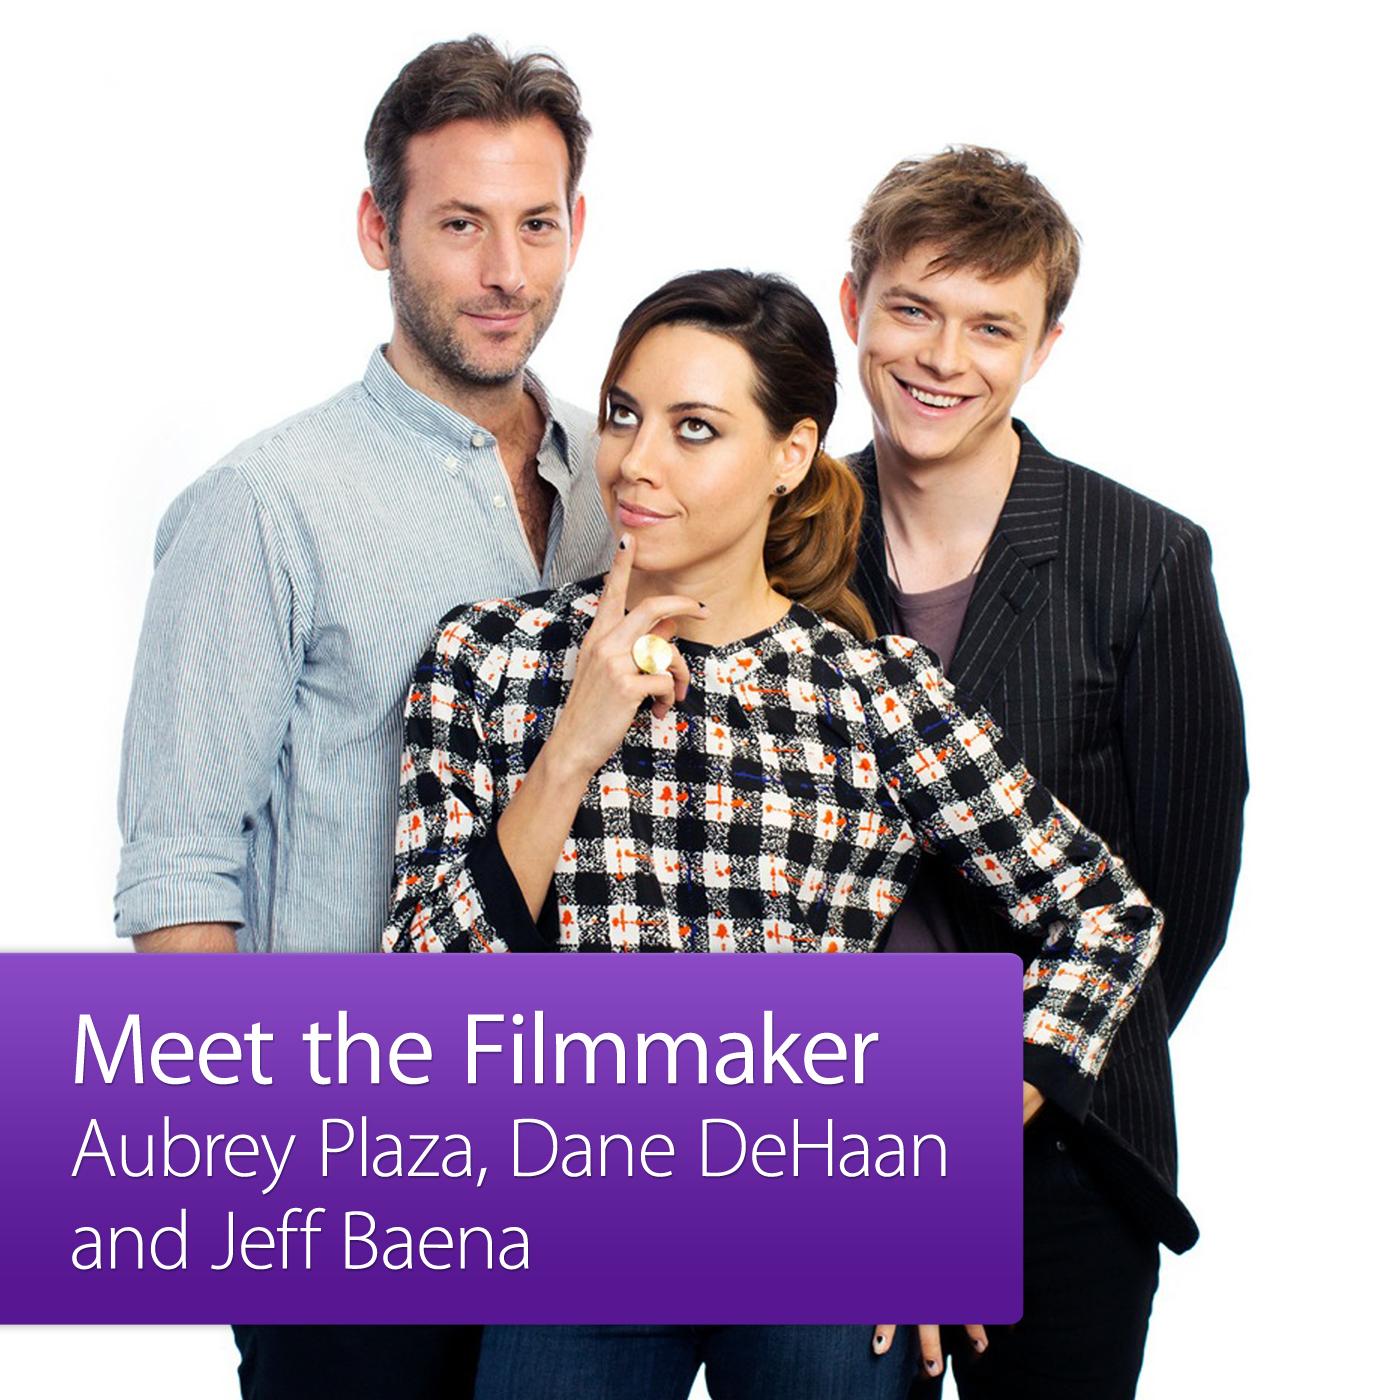 Jeff Baena, Aubrey Plaza and Dane DeHaan: Meet the Filmmaker